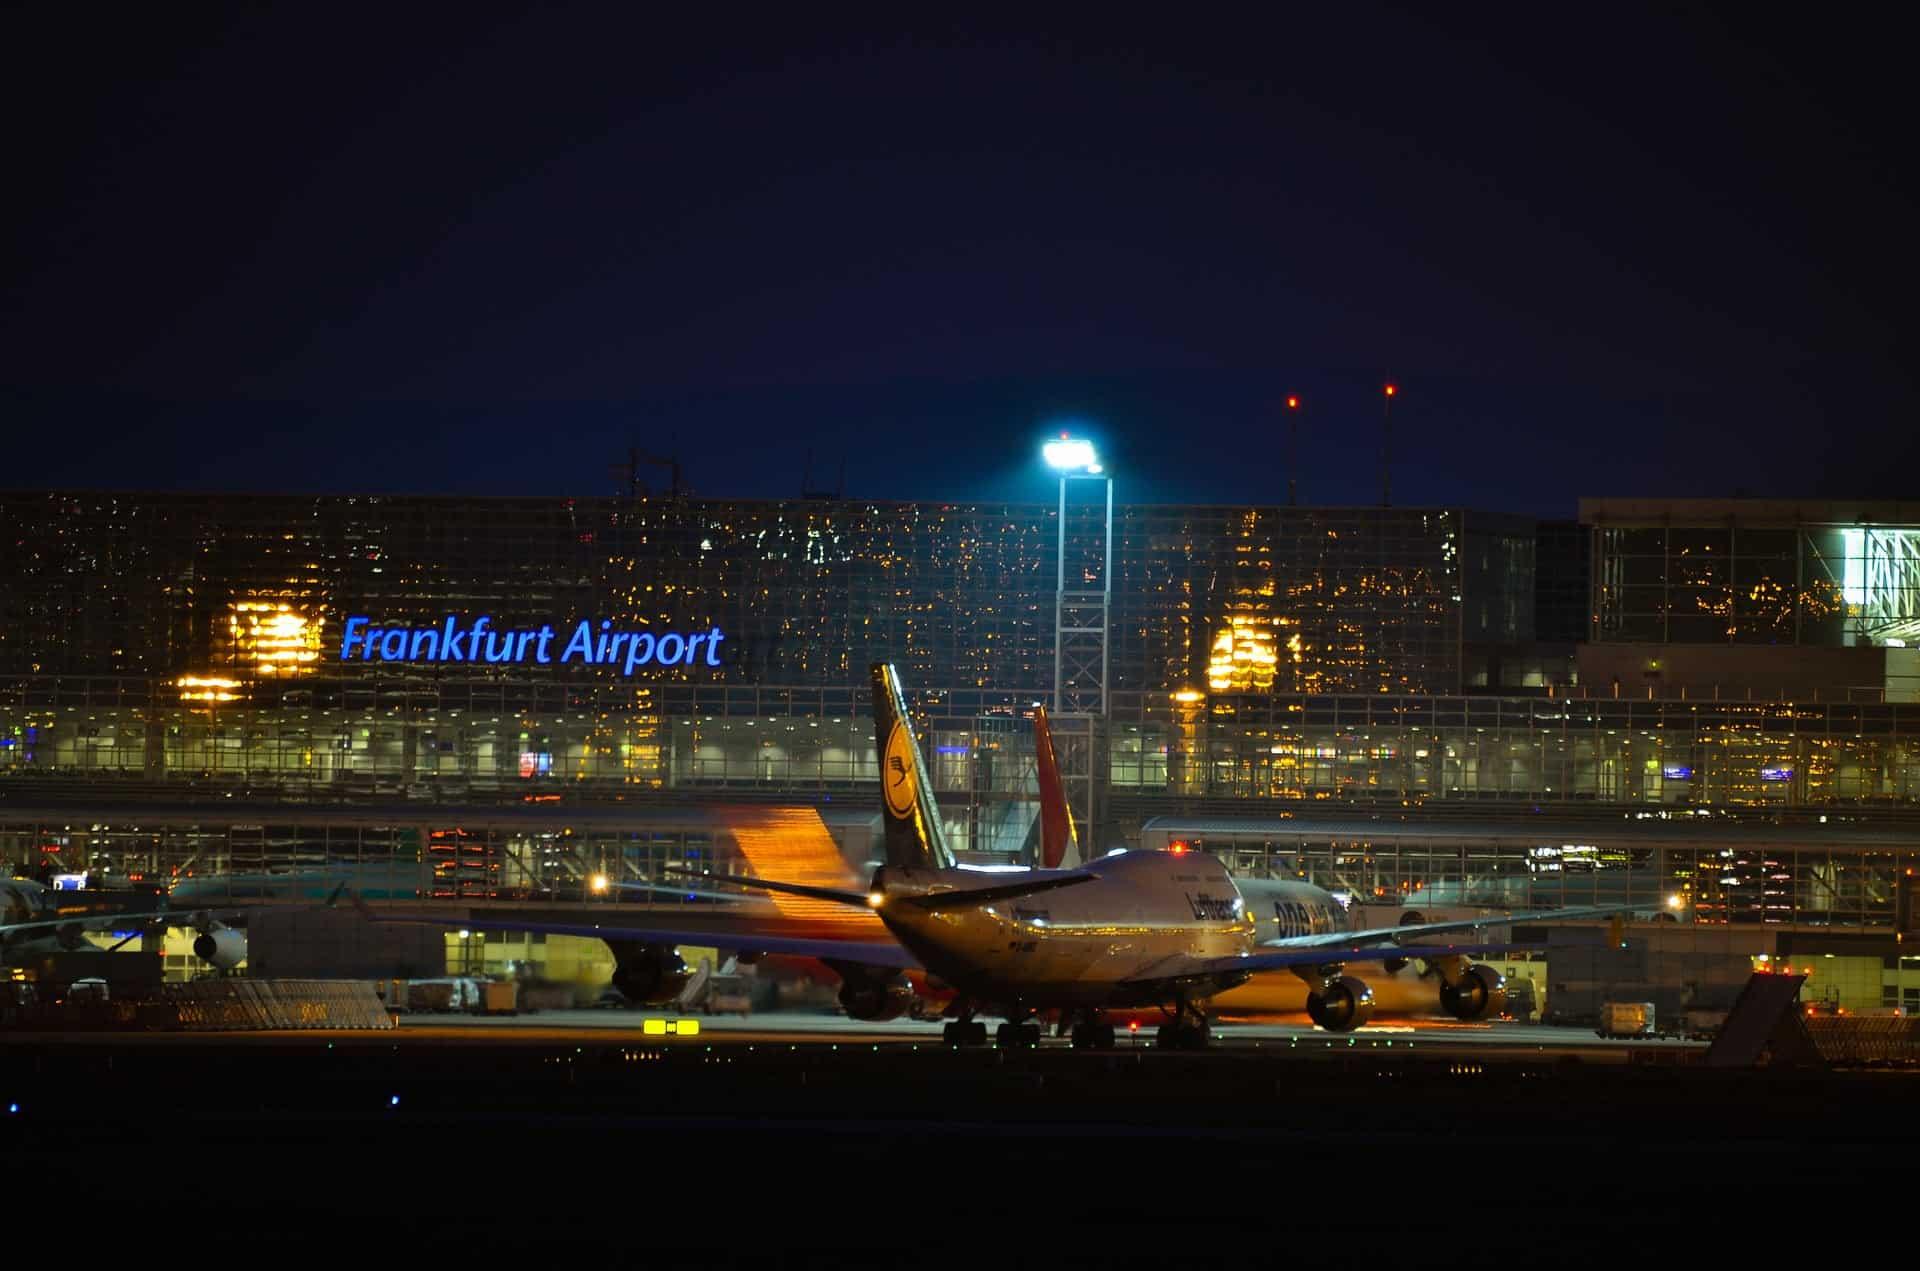 Frankfurt Airport.De